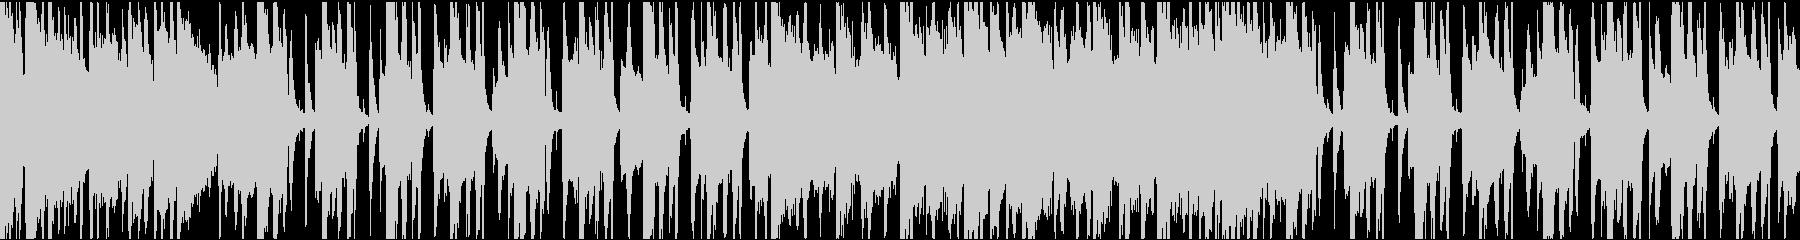 ゆったりコミカル/ループ/イントロ8秒の未再生の波形